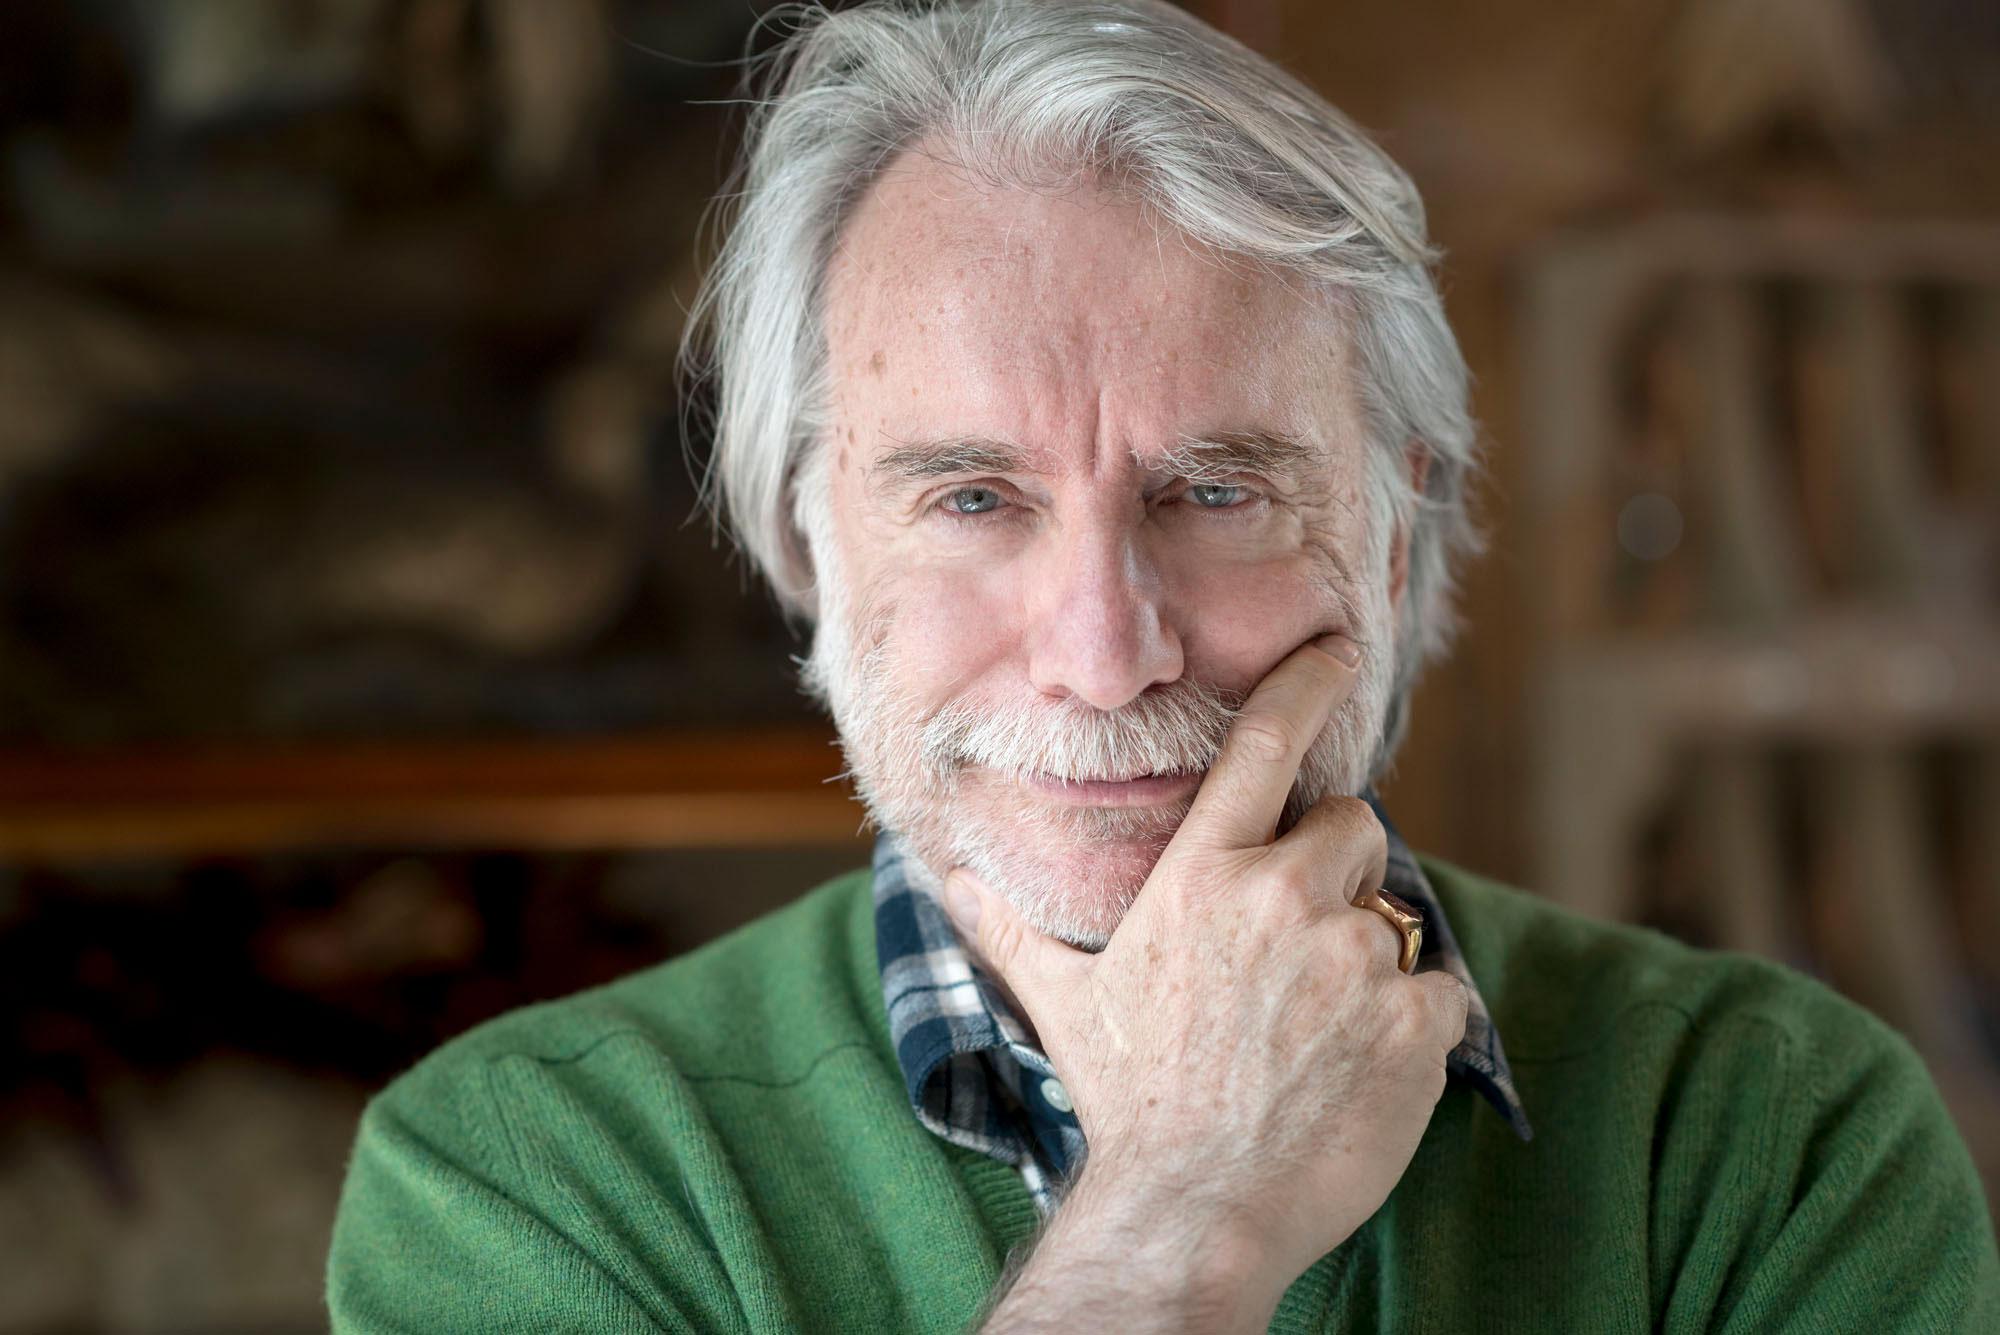 Paolo Crepet. Psichiatra e scrittore. Sociologo, educatore e opinionista.